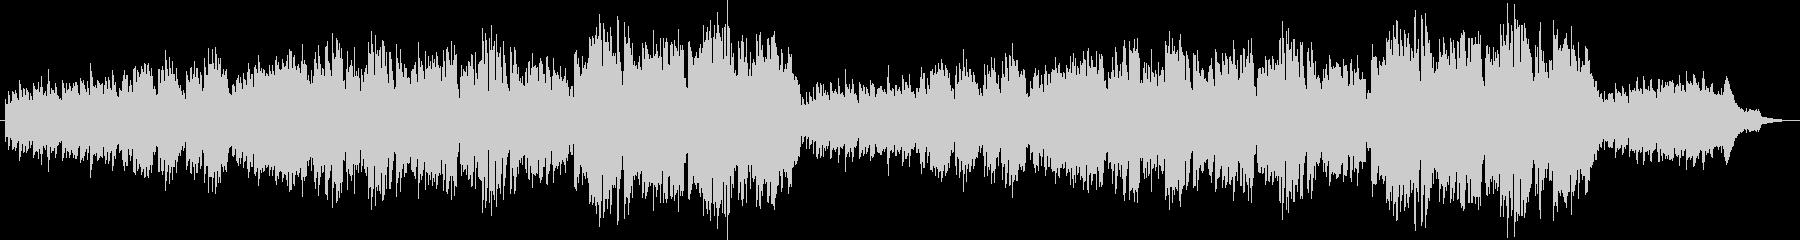 オカリナ生演奏によるのどかで穏やかな曲の未再生の波形